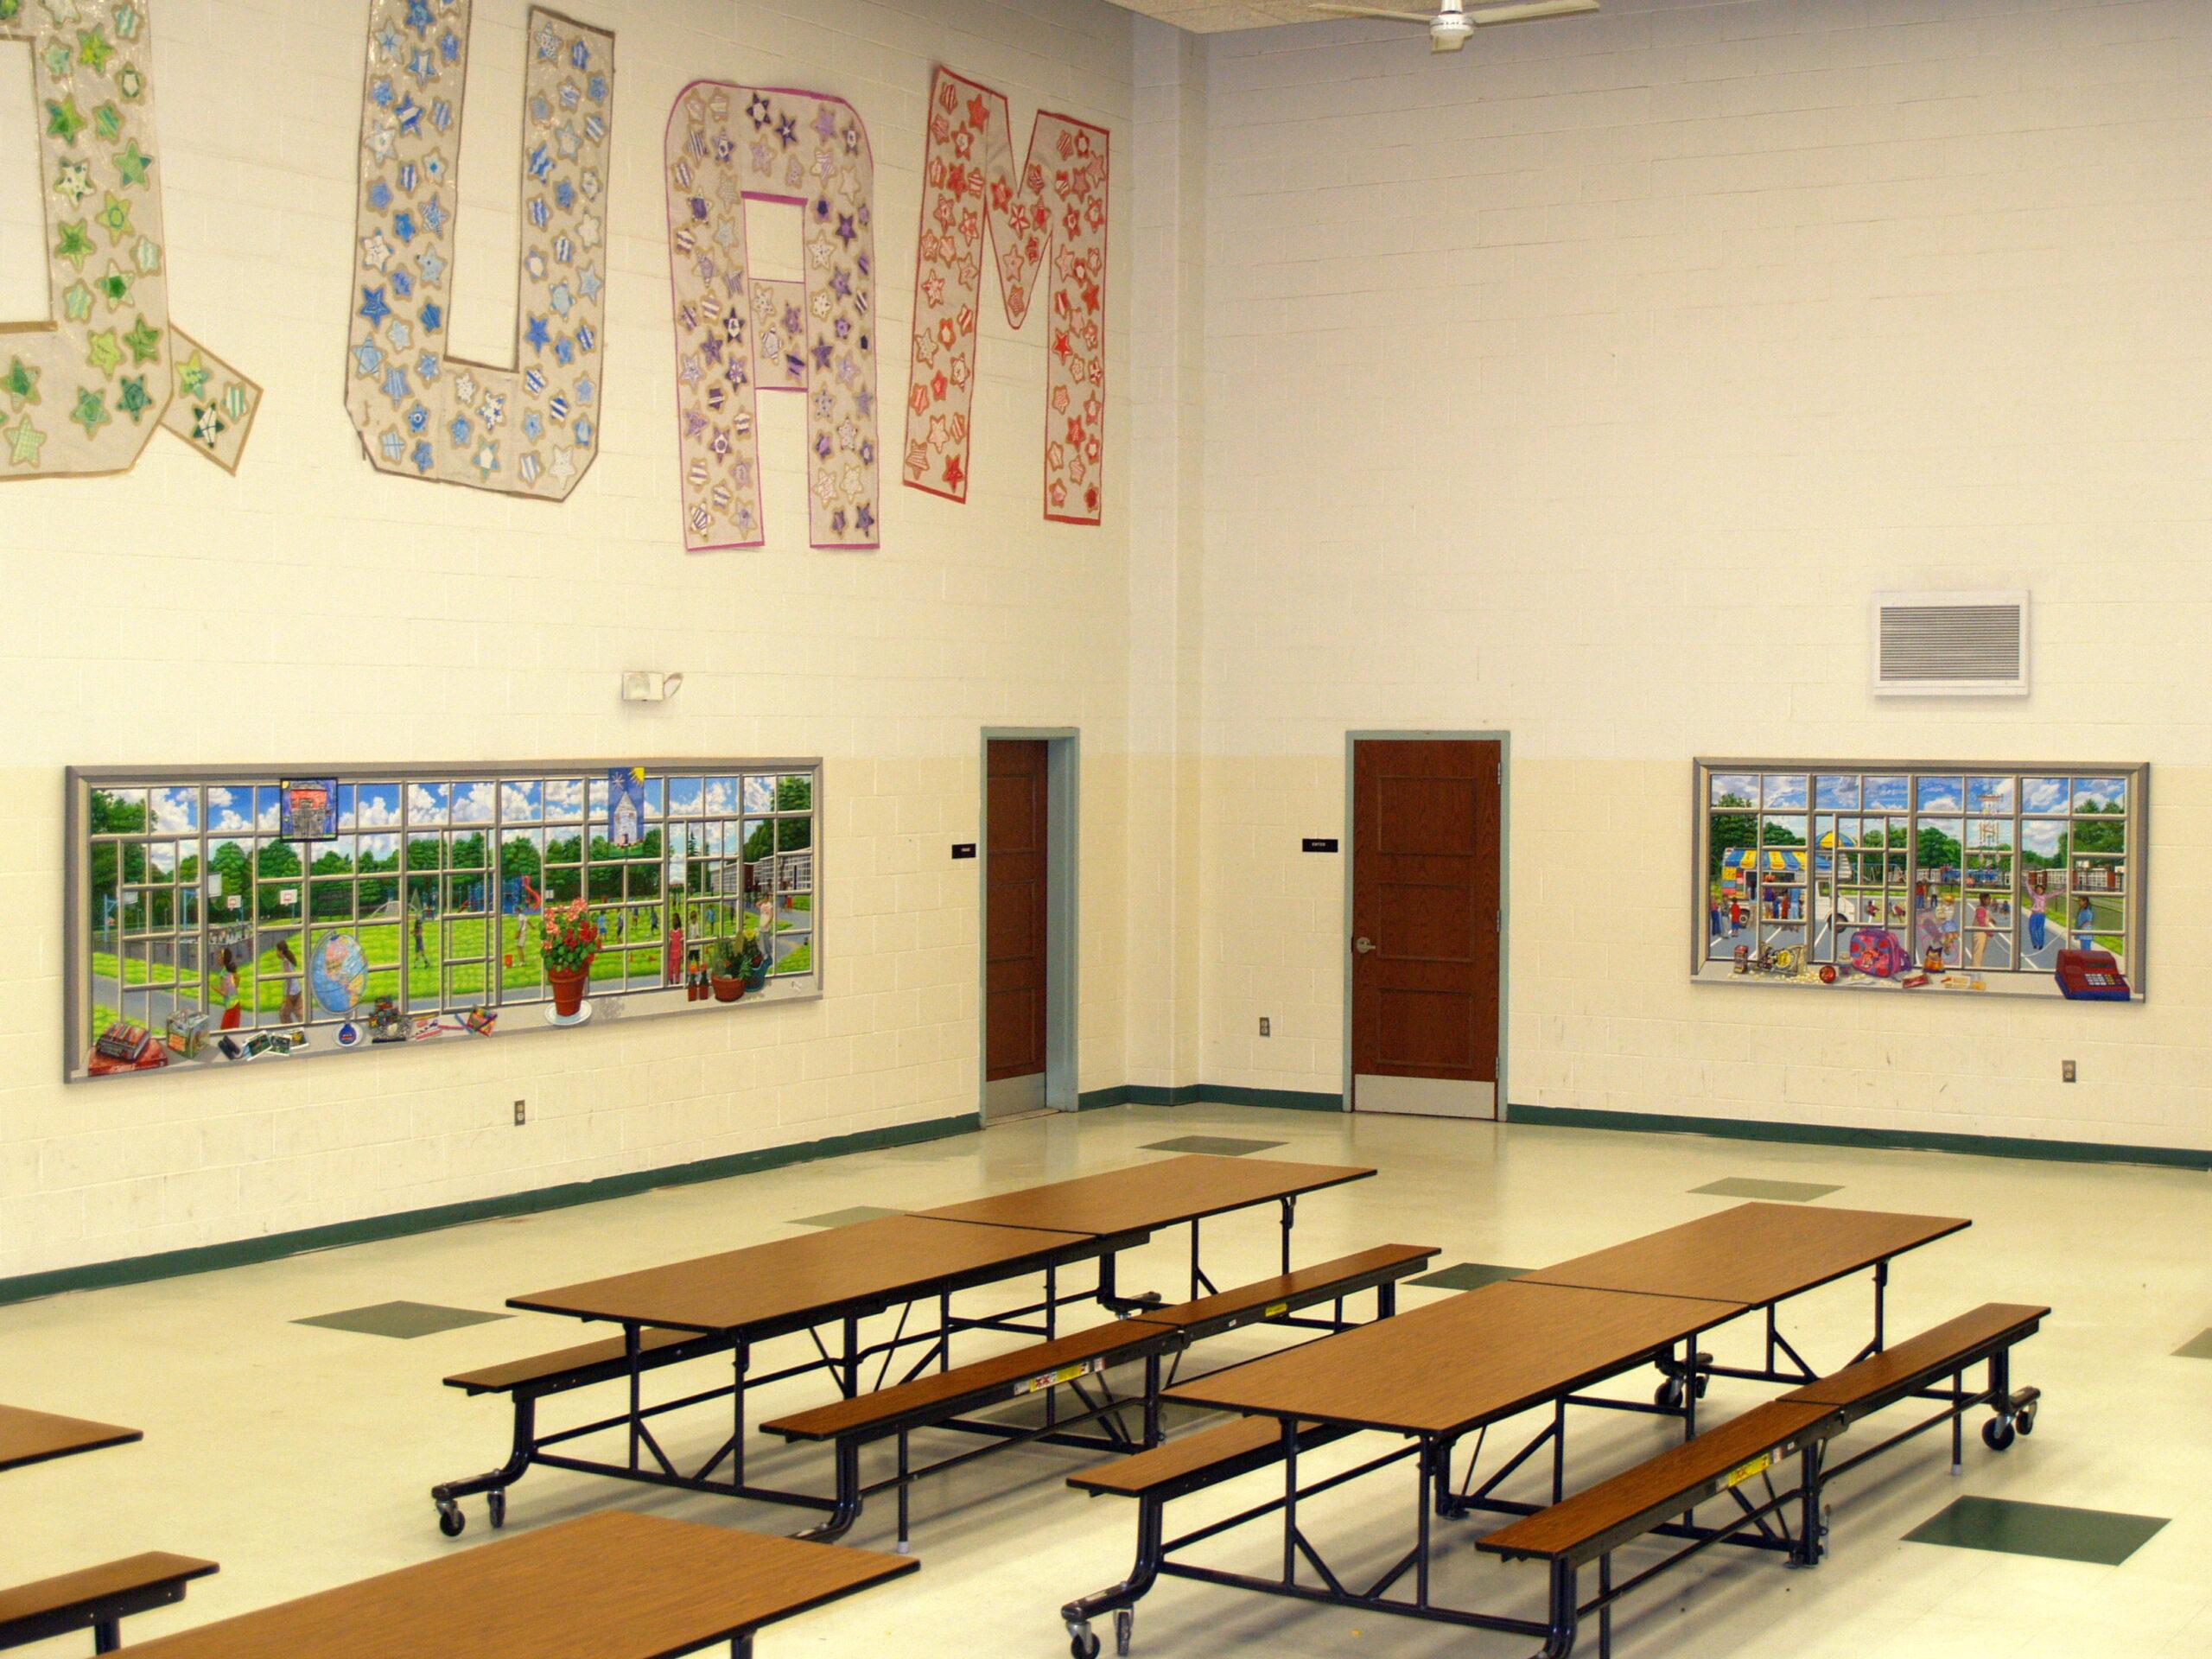 Bonnie siracusa murals fine art for Elementary school mural